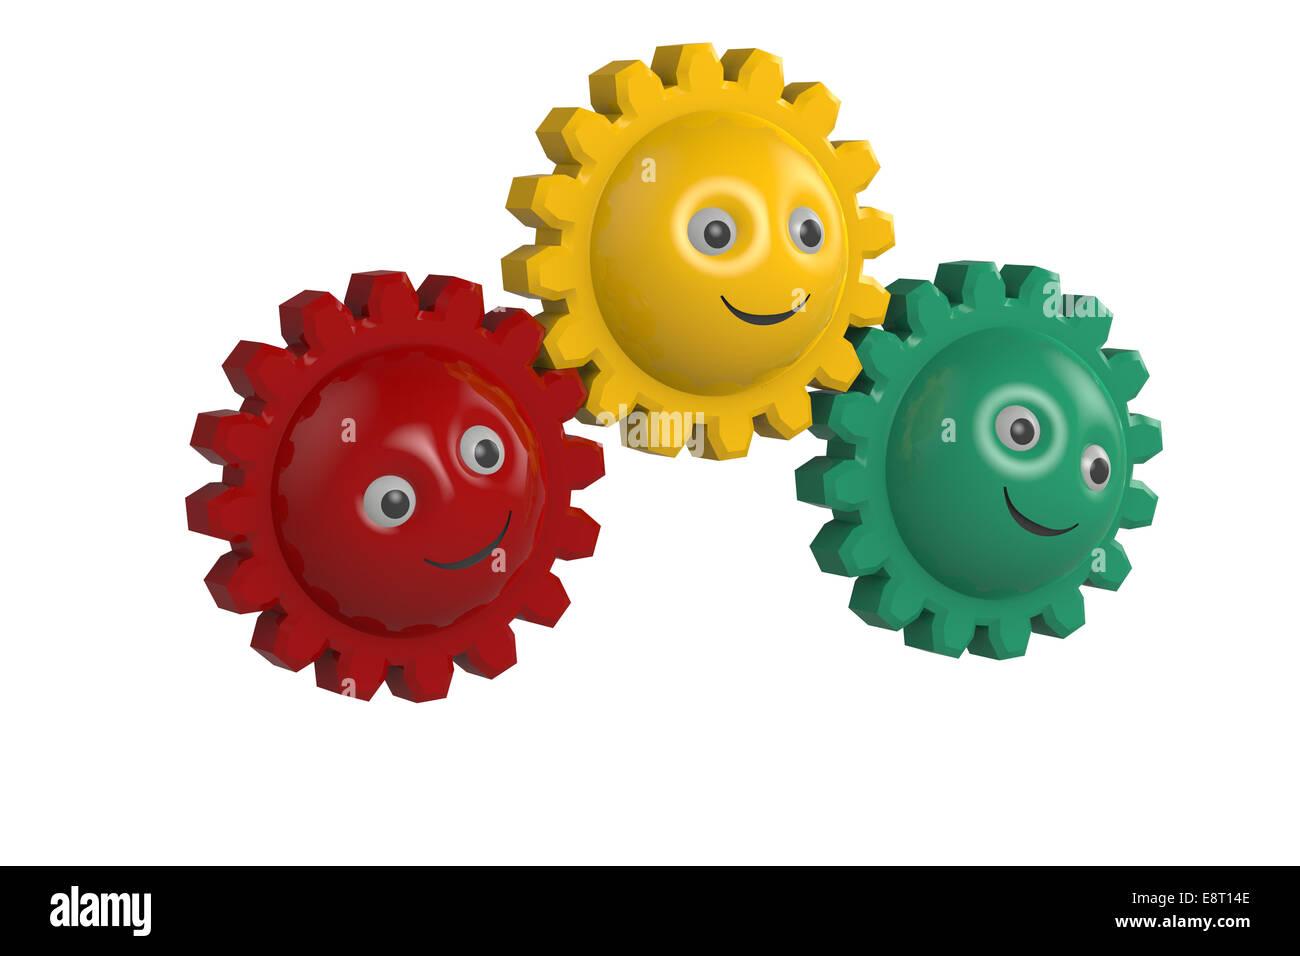 3D simbolo smiley sfere con ruote dentate Immagini Stock